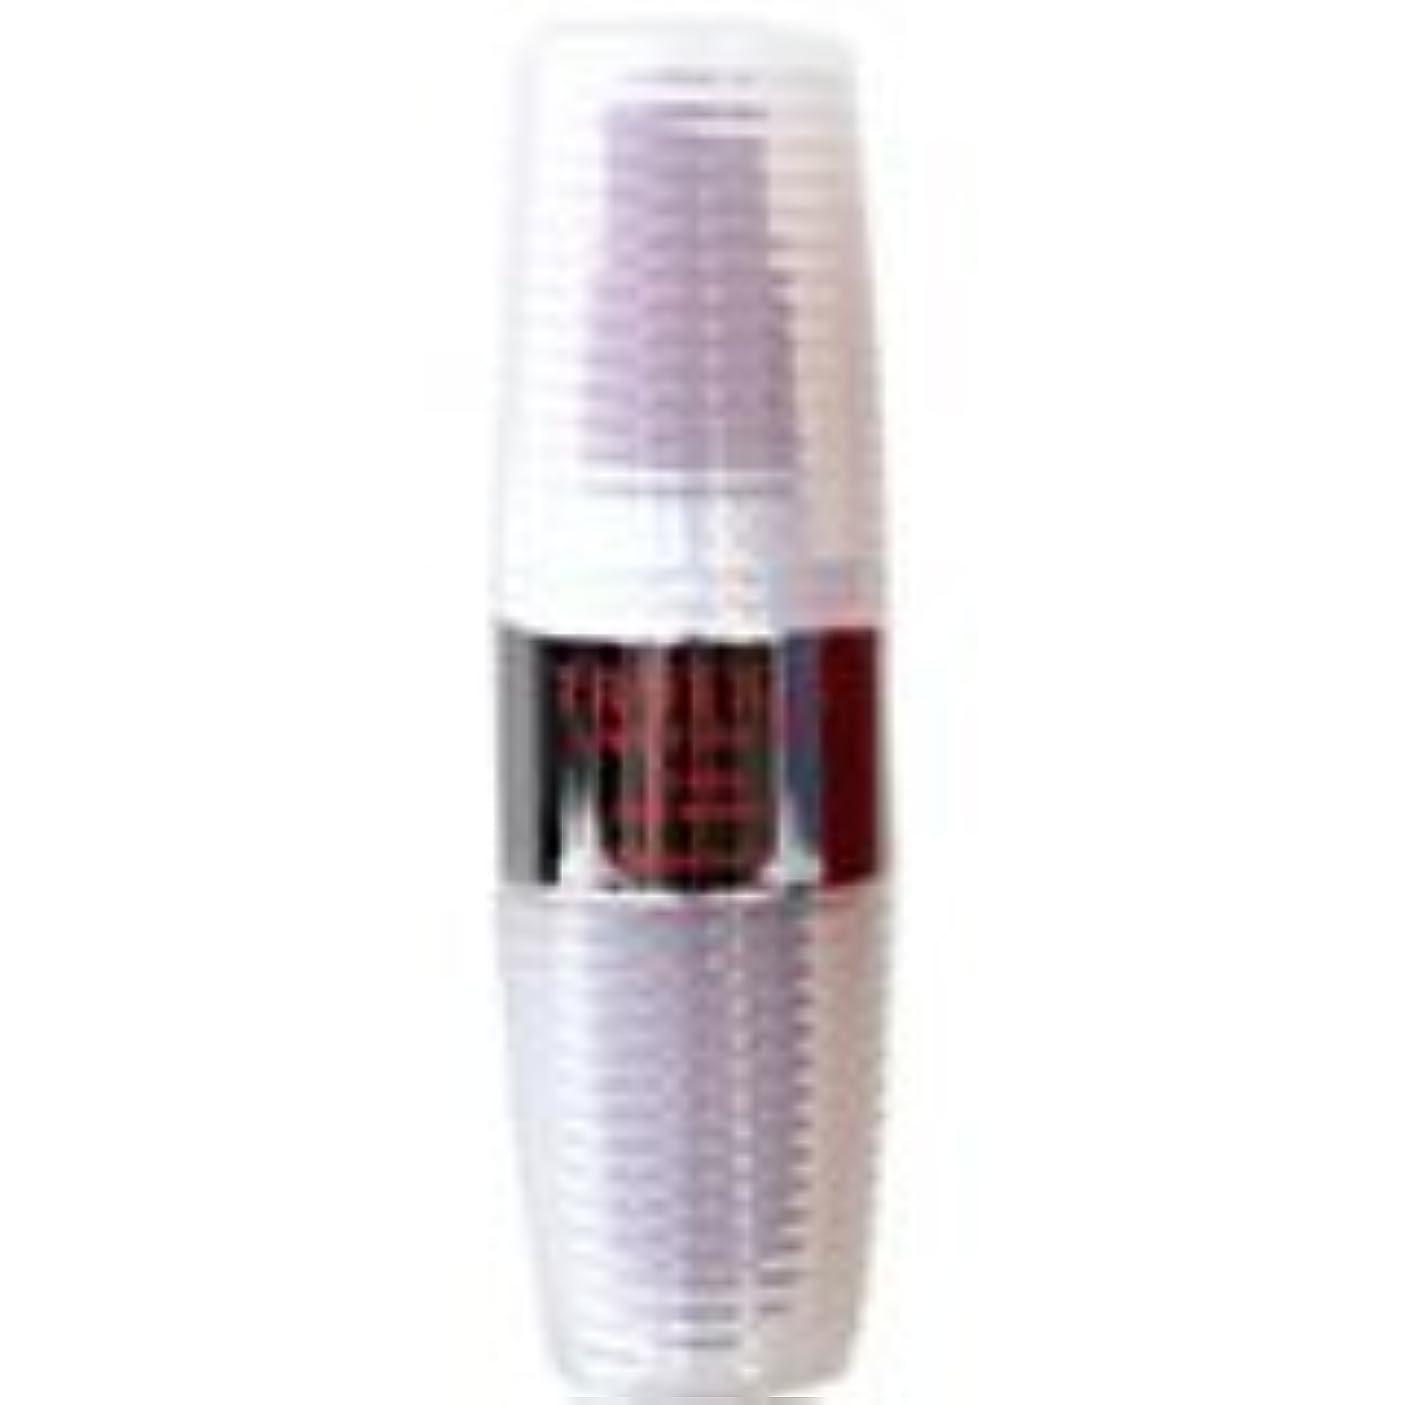 フルーティー複製する炭水化物ナリス化粧品 トゥルーリア リミッション WR リンクルコア エッセンス 20ml(薬用美容液)